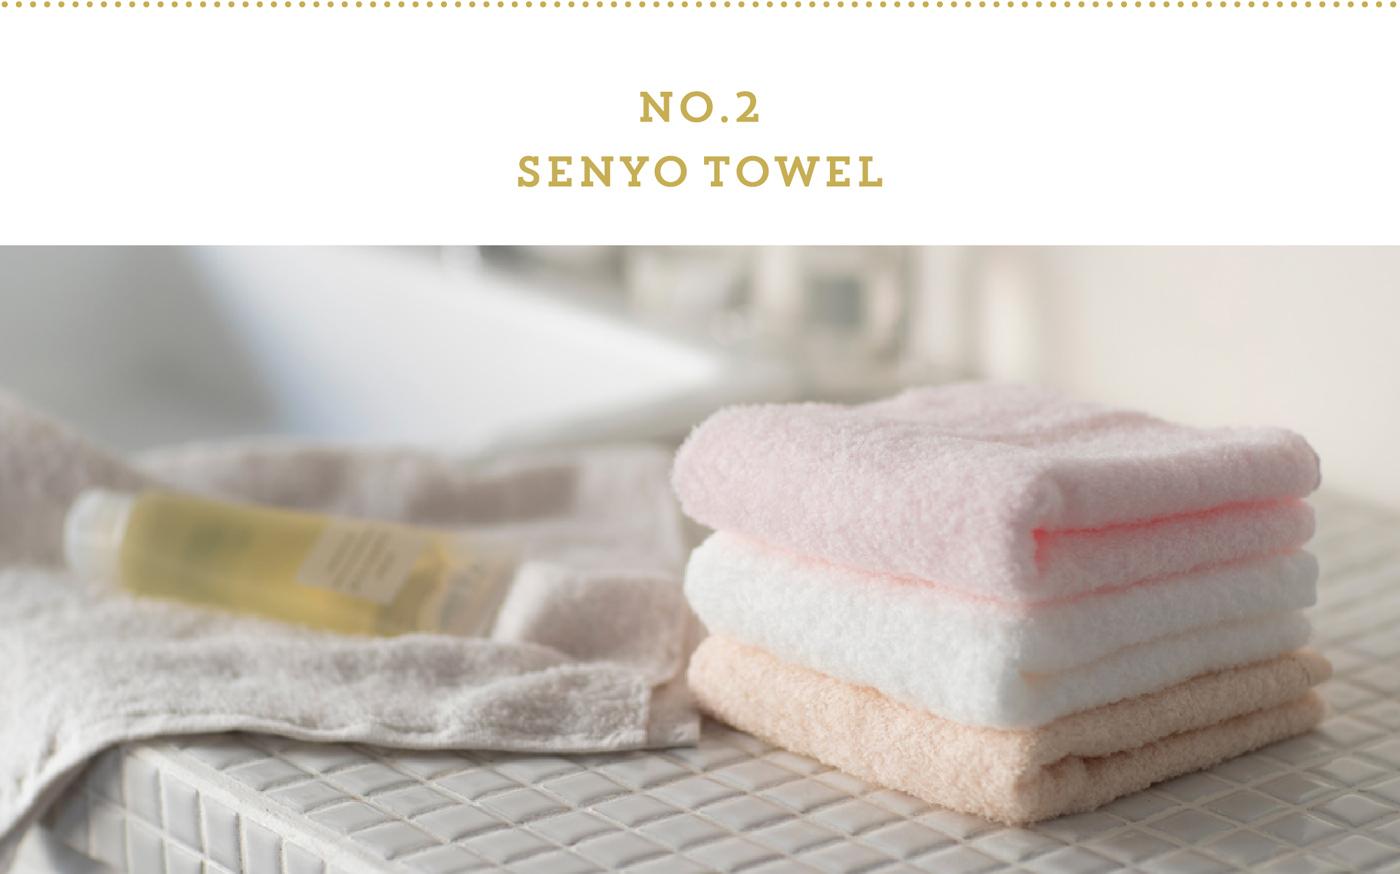 SENYO TOWEL